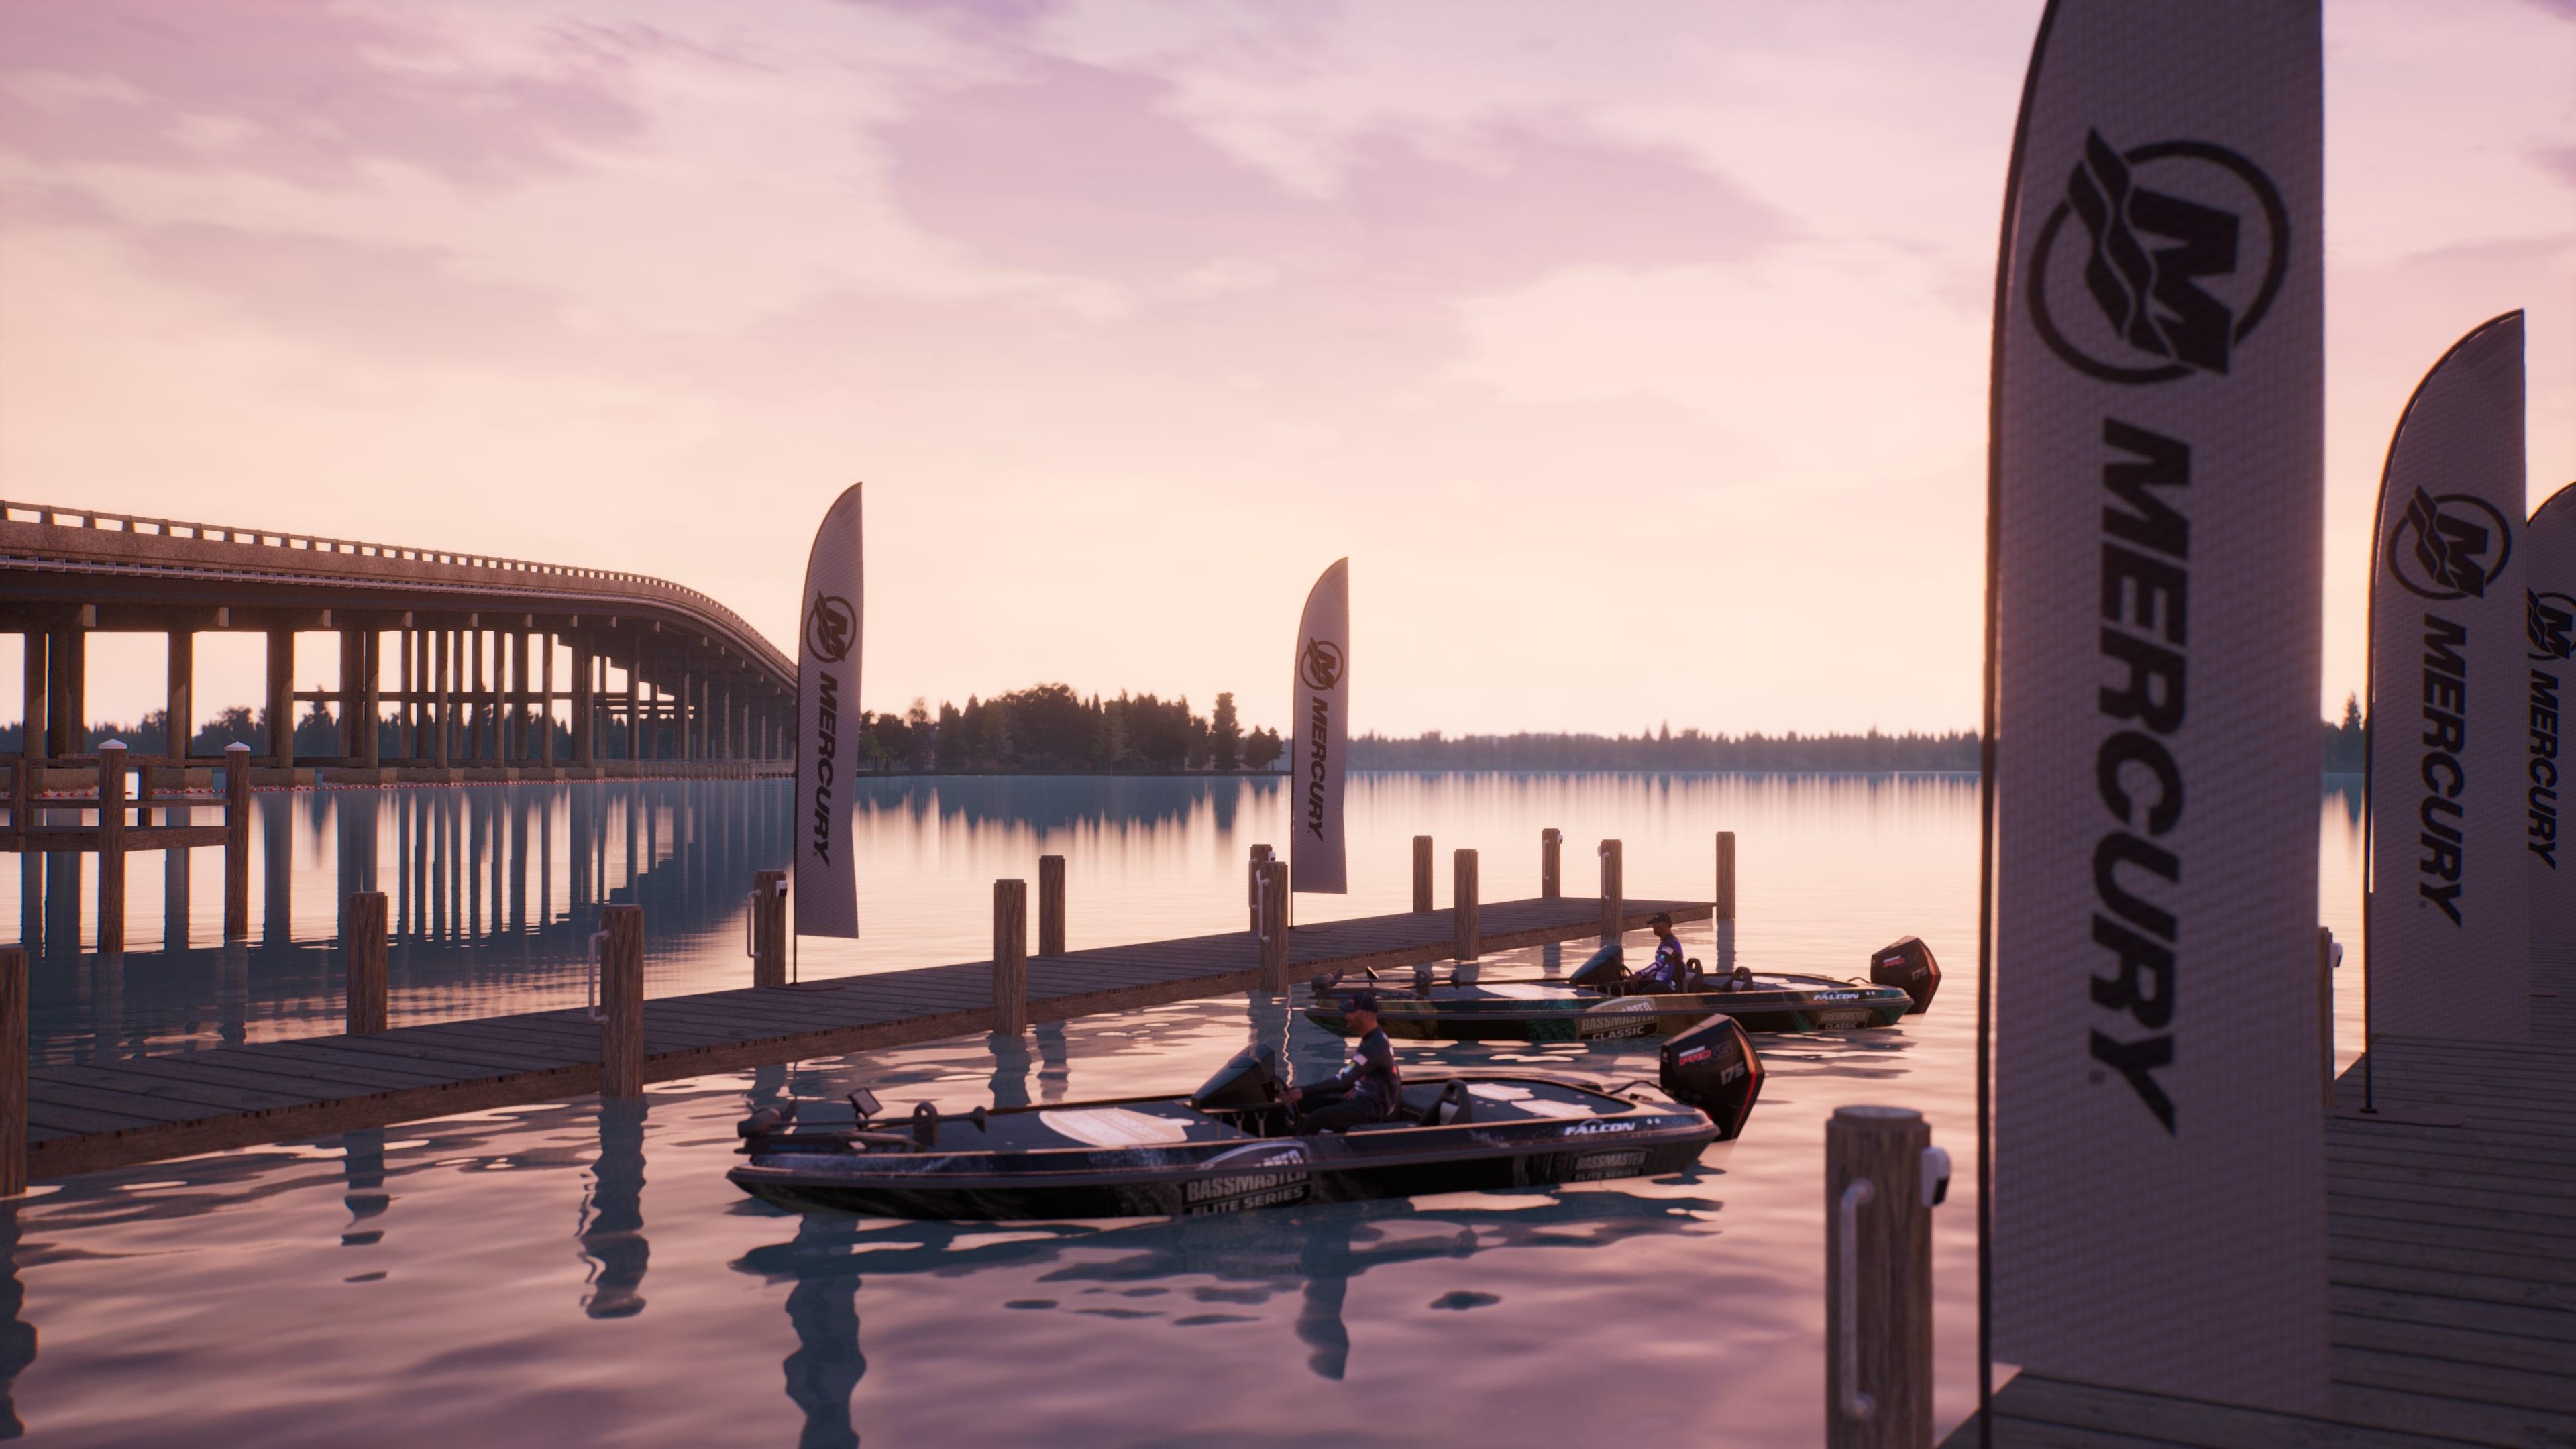 Скриншот №3 к Bassmaster Fishing 2022 PS4 and PS5